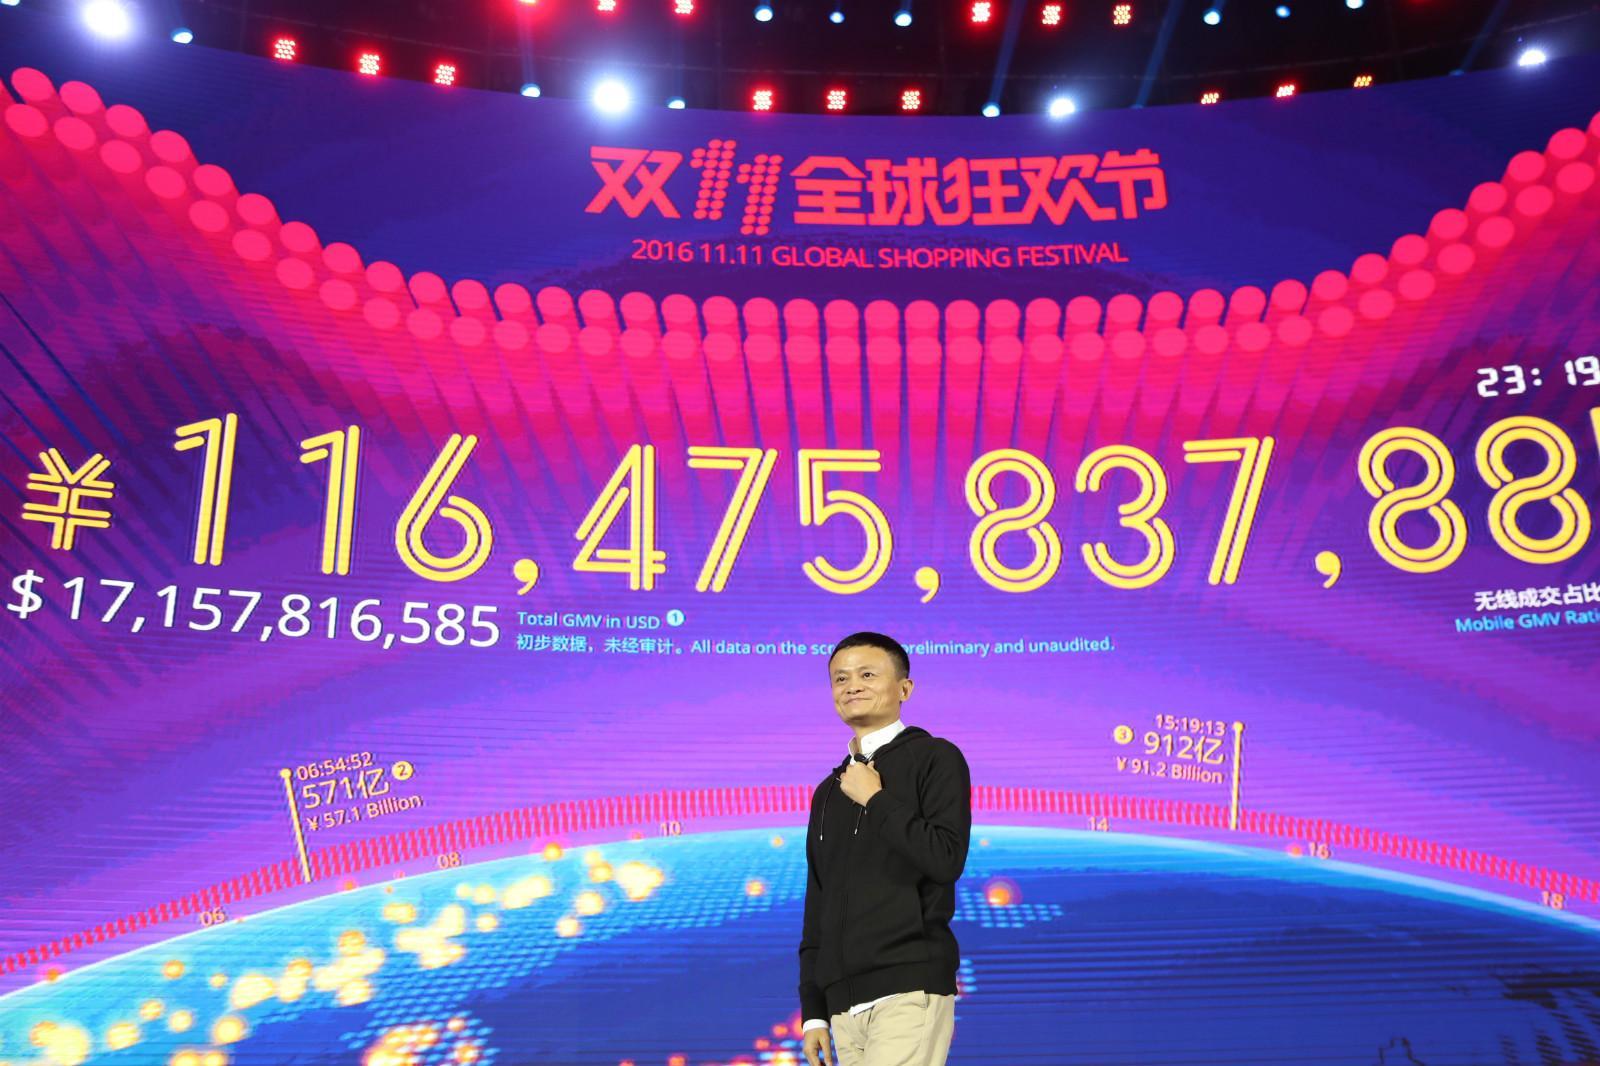 今年抢双十一1111元红包已震撼来袭,千元红包你心动了吗?